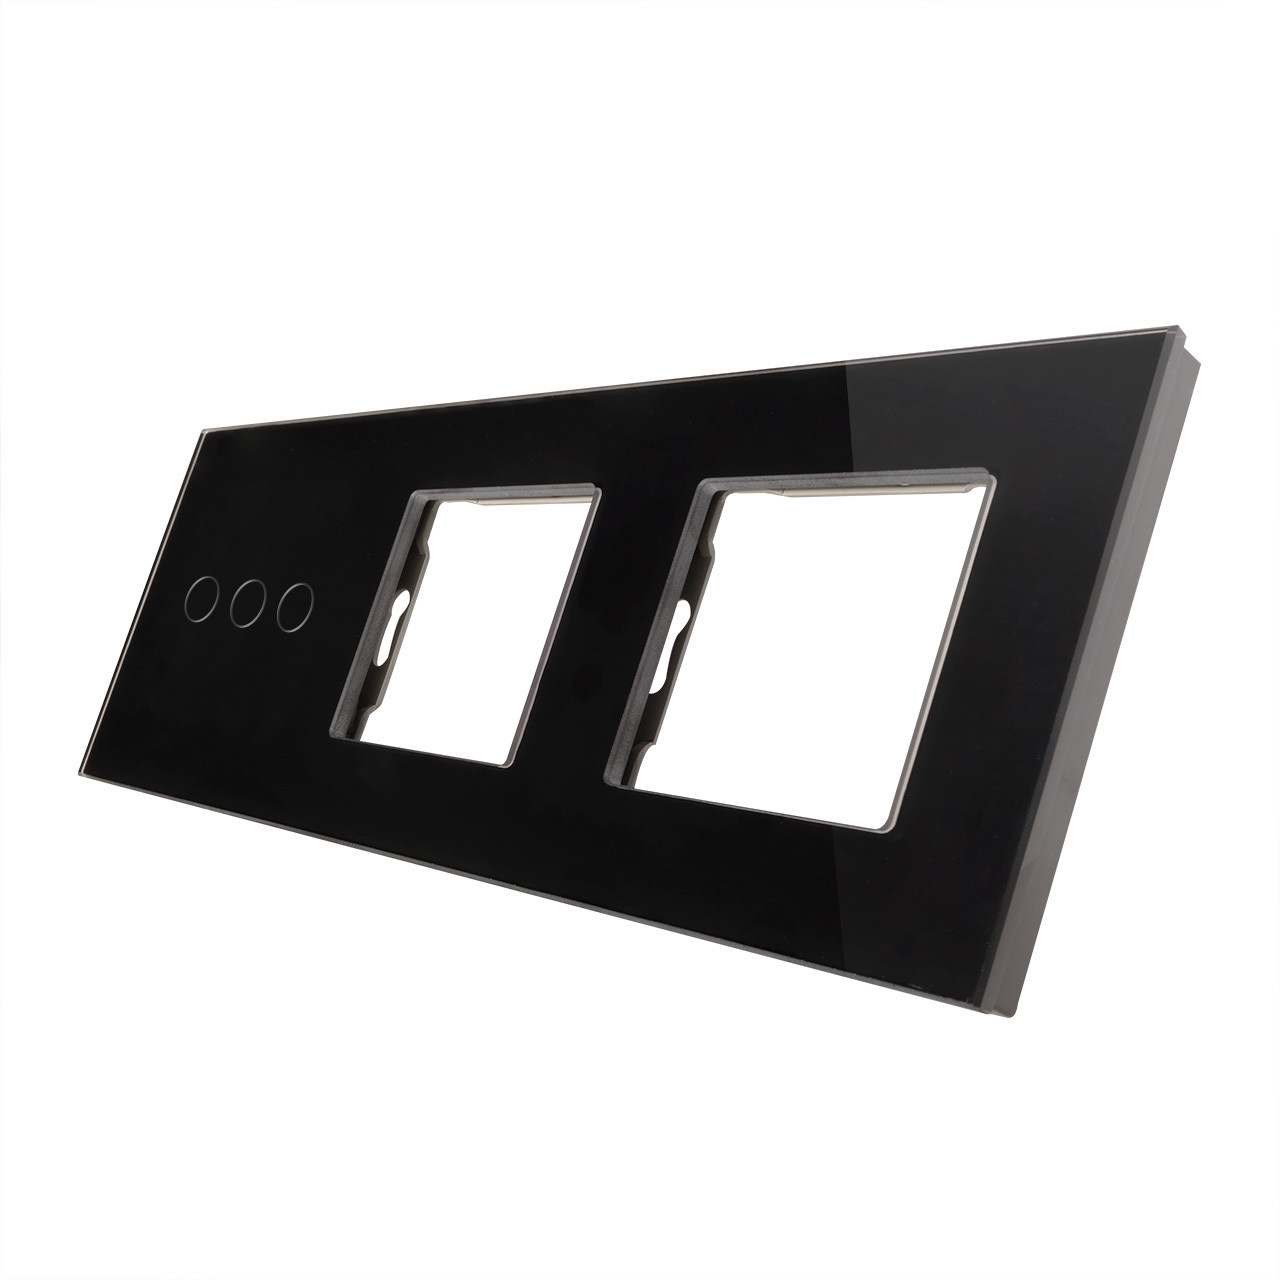 Rama sticla pentru intrerupator cu touch triplu+modul priza dublu Smart Home